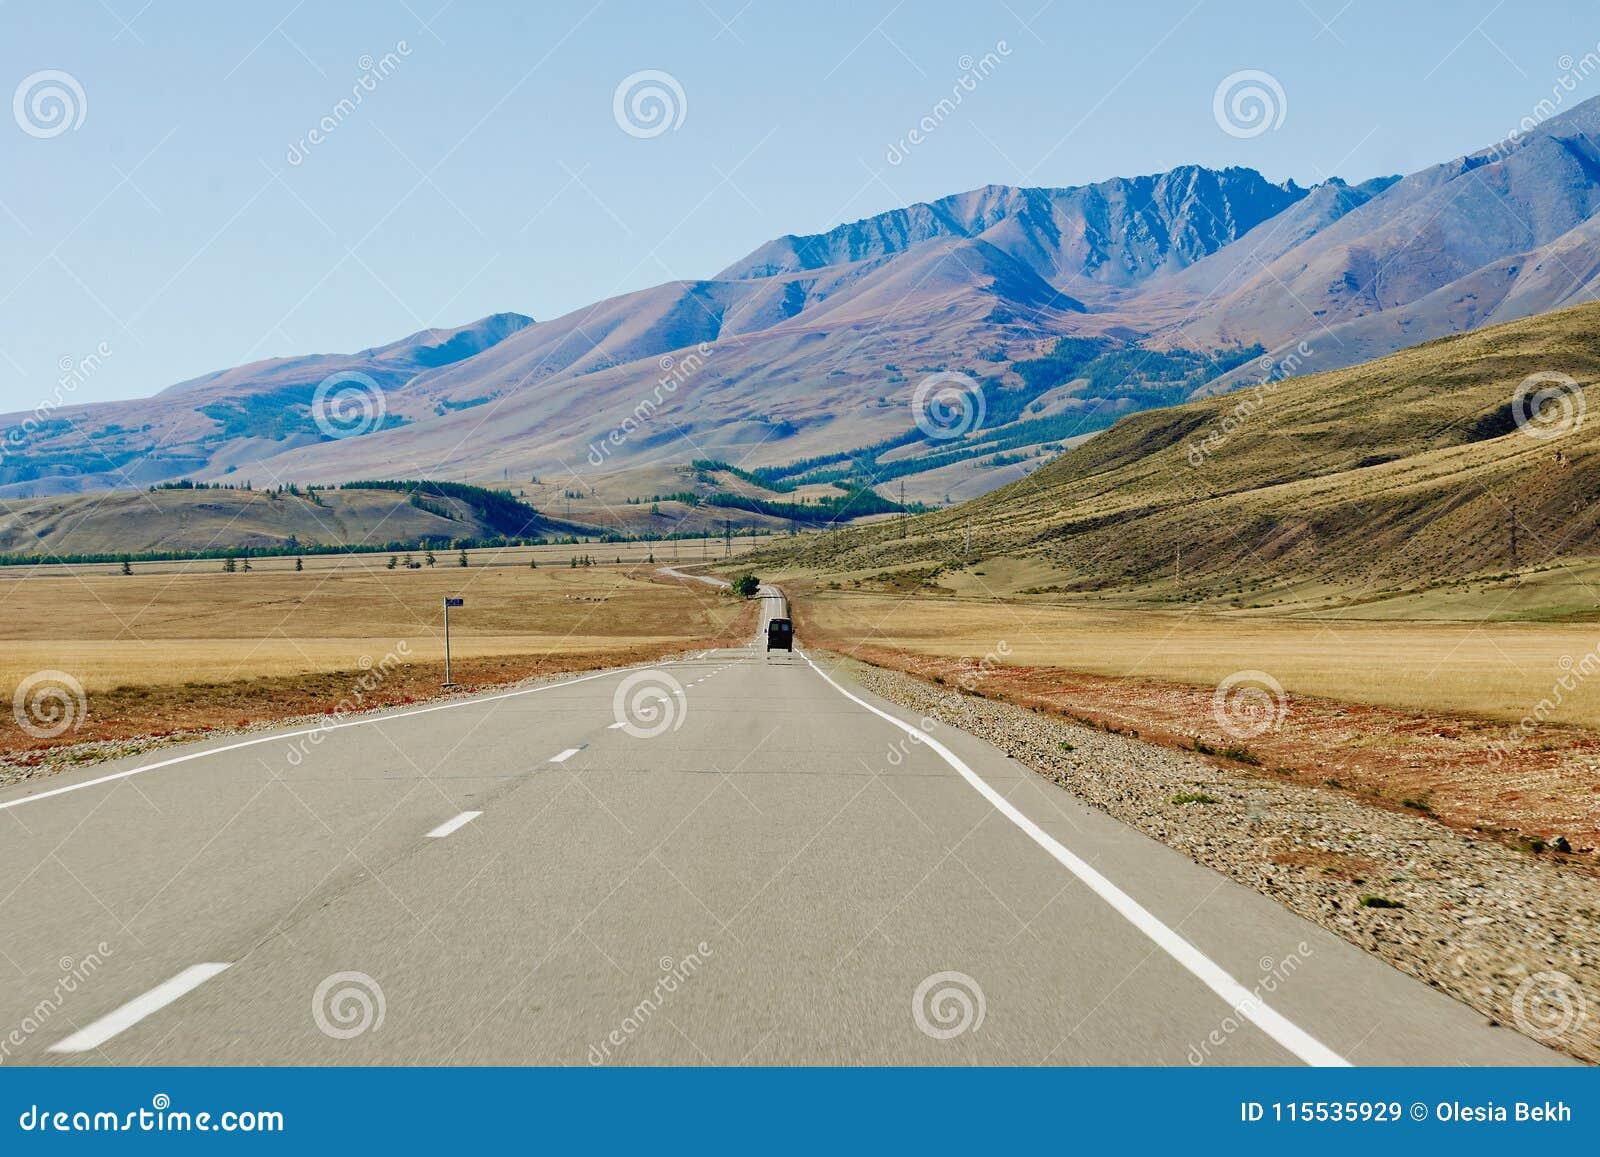 Auto auf der Straße in den Altai-Bergen nahe der Grenze von Russland und von Mongolei